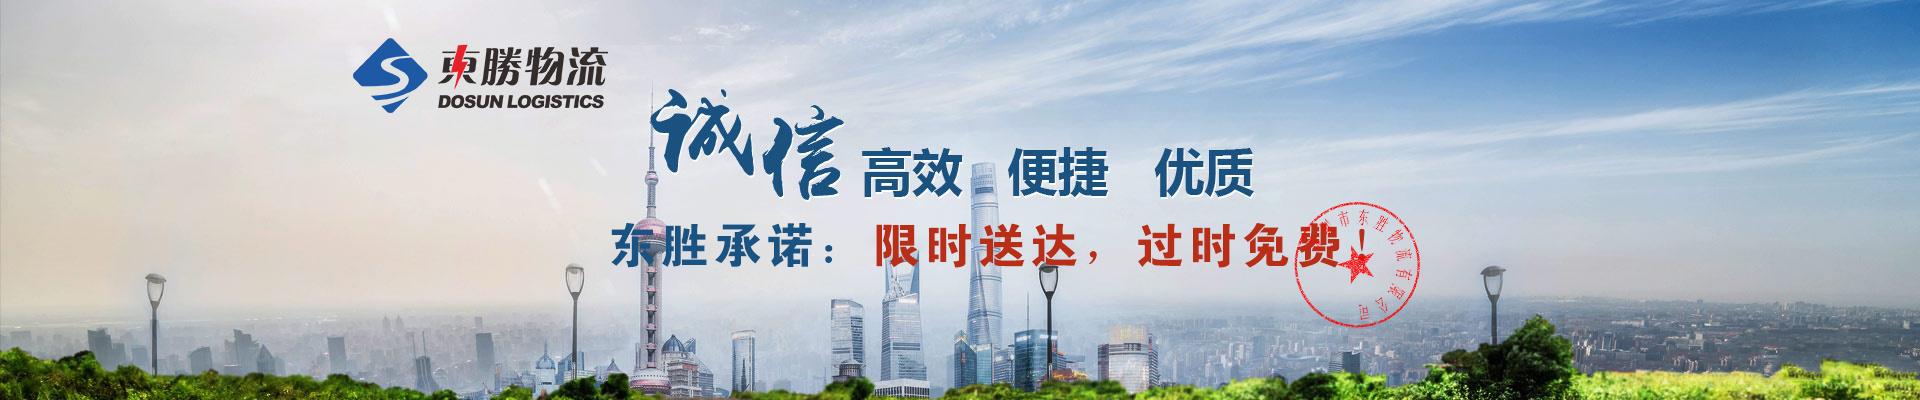 广州到香港物流专线,广州发货到香港,广州发香港物流,广州到香港物流,广州到香港物流运输,广州到香港工字钢运输,广州到香港项目工程水泥预制件运输